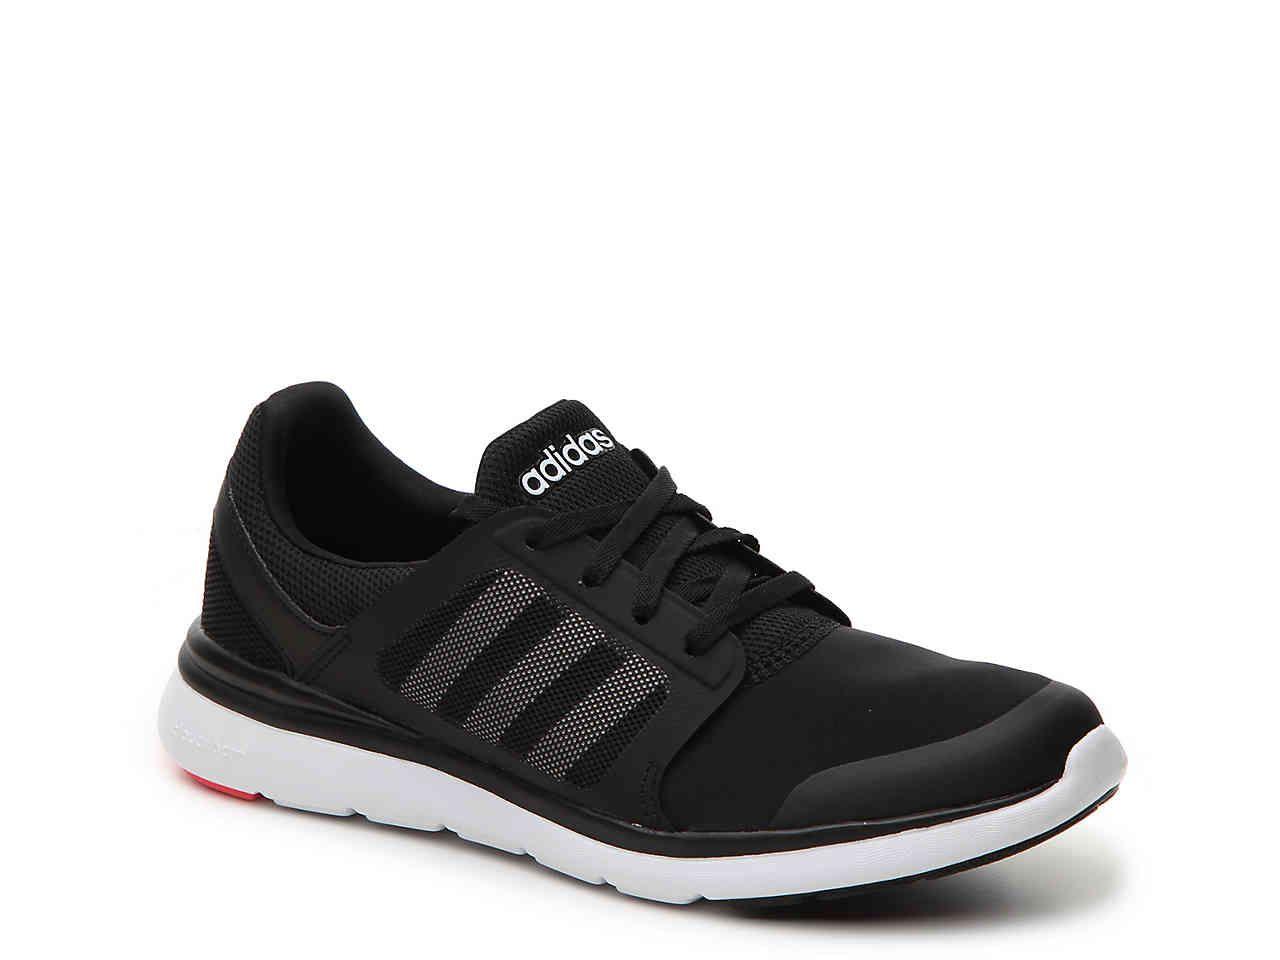 adidas Cloudfoam Xpression Neoprene Sneaker - Women's | Workout ...